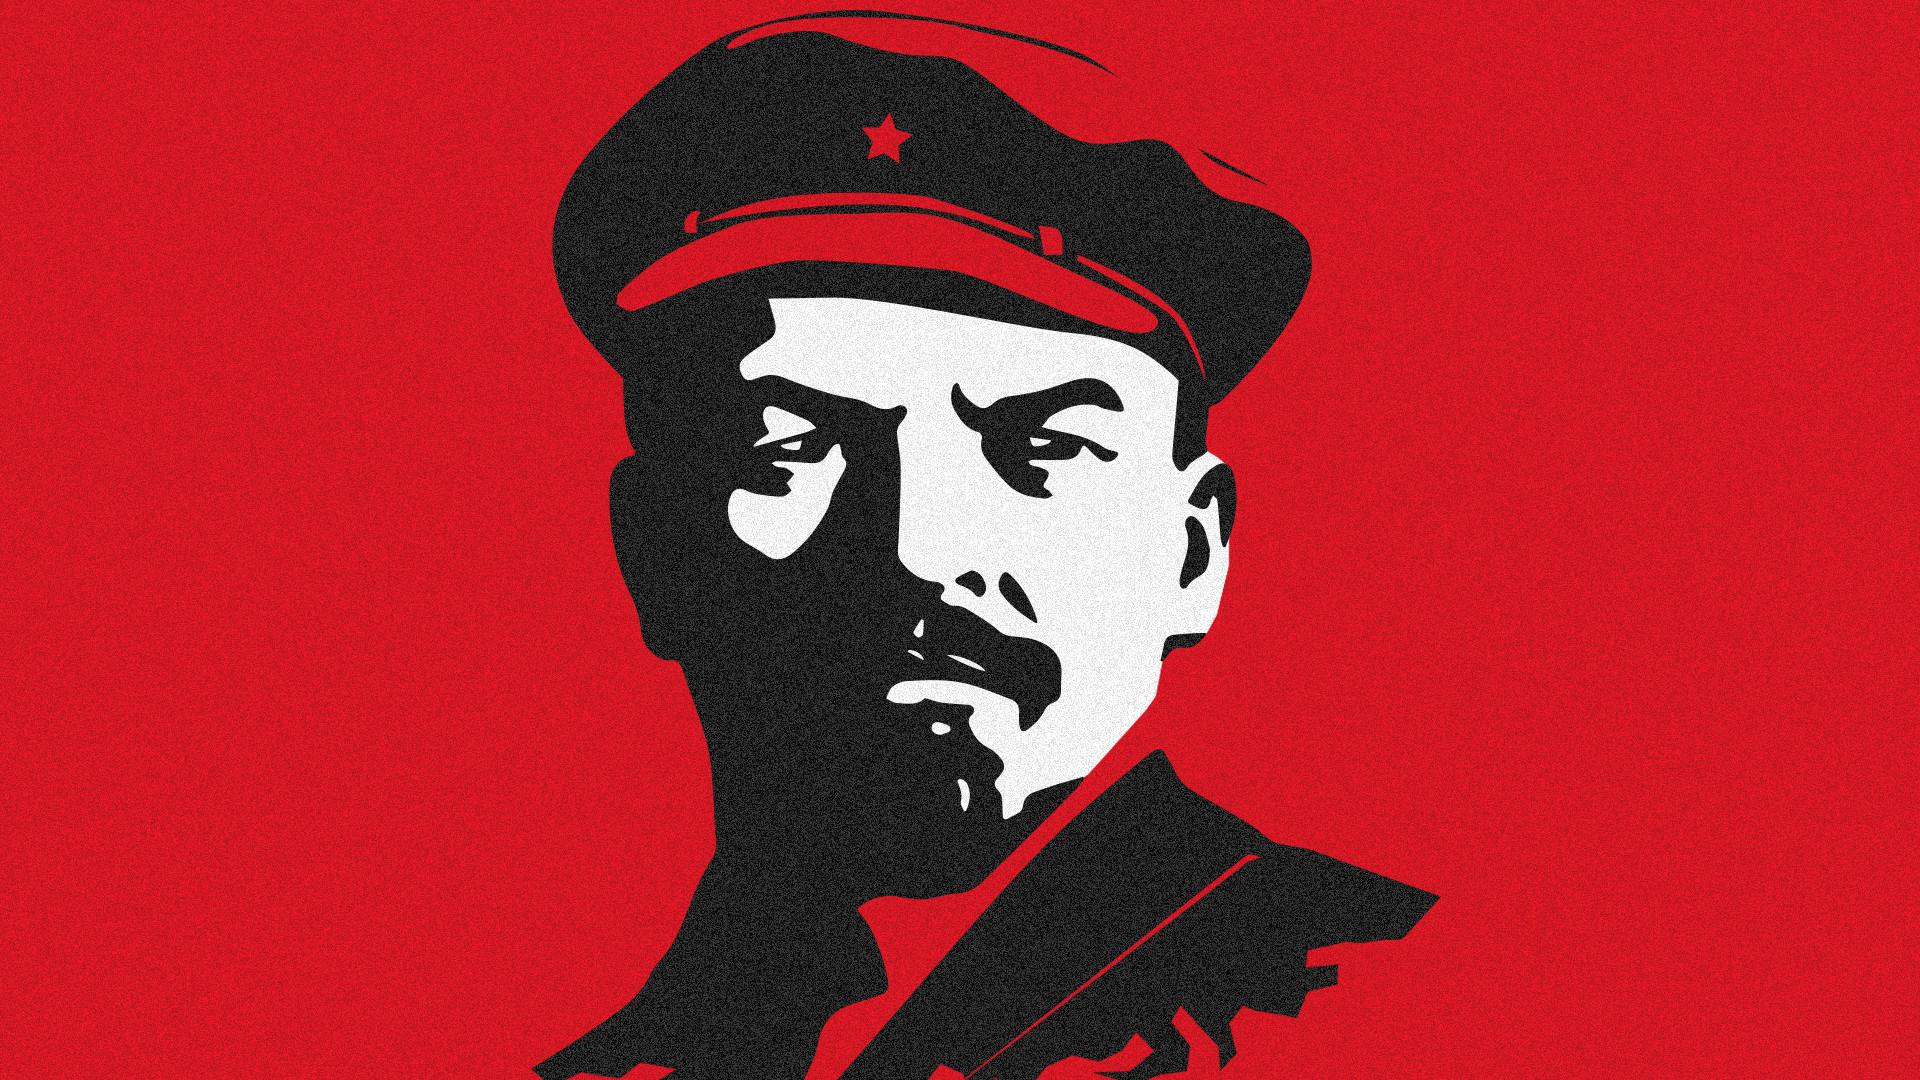 なぜロシア帝国は10年間に三度も革命にみまわれたか - ロシア・ビヨンド